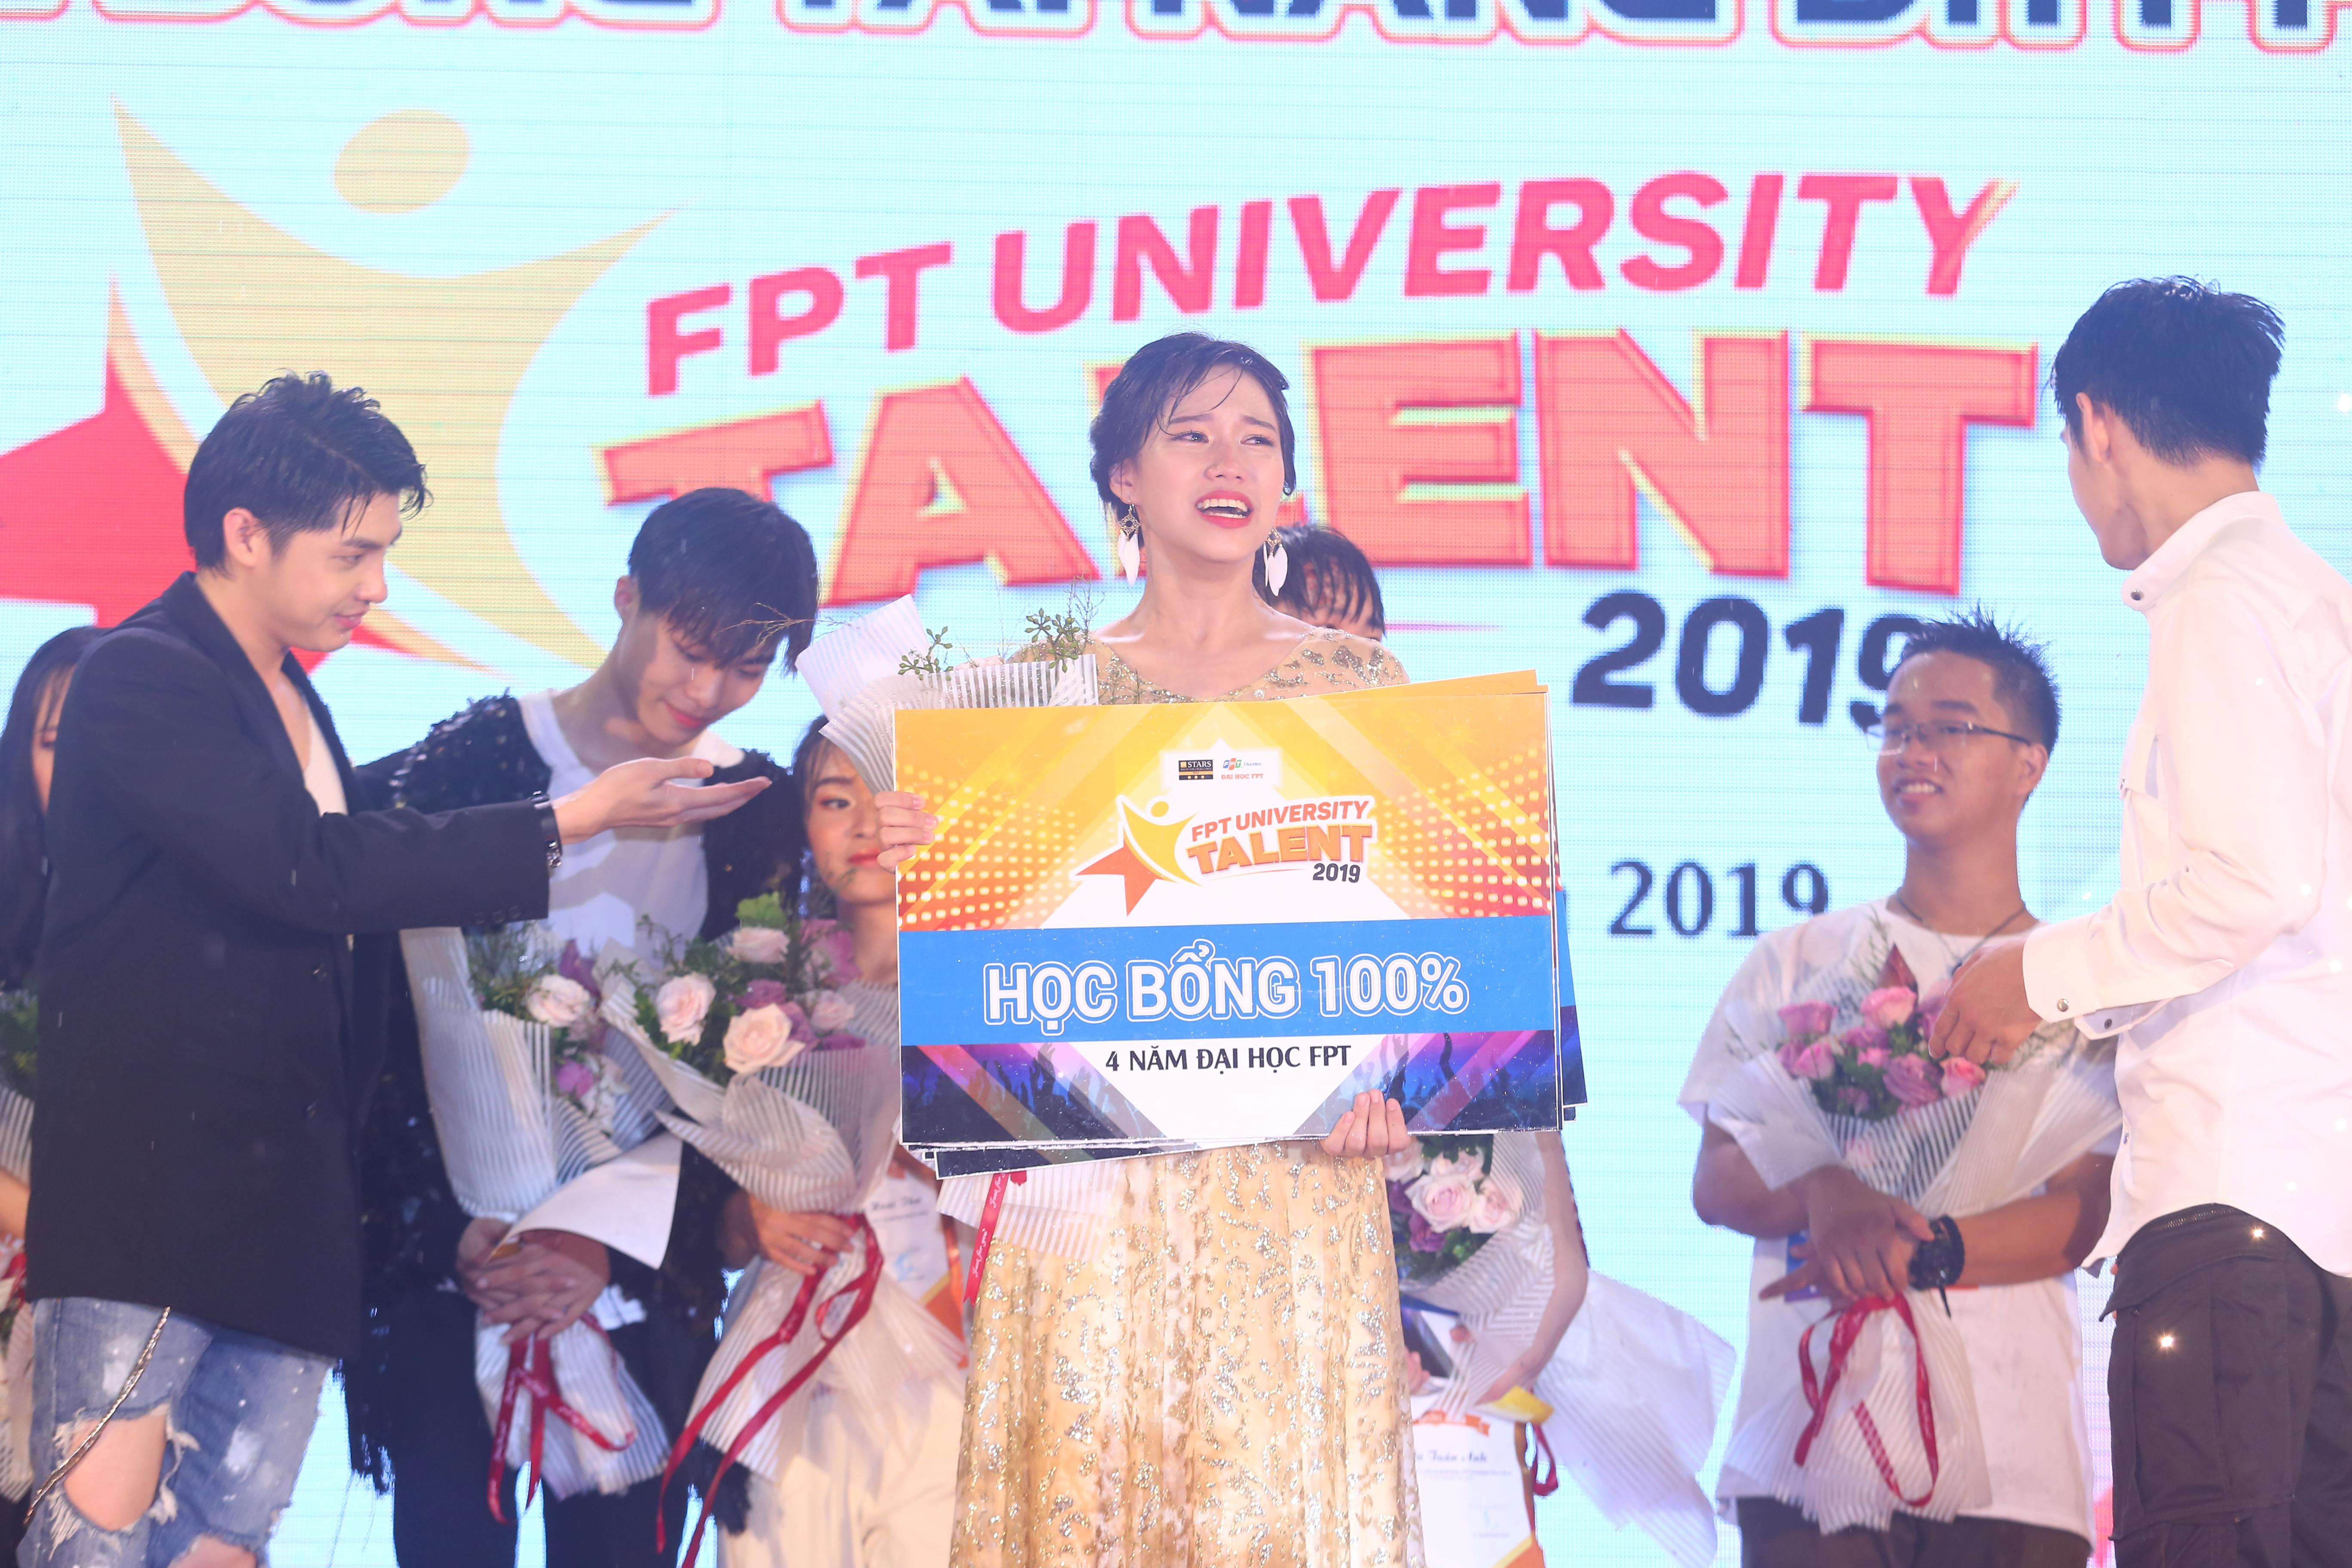 """Với giải Quán quân FPT University Talent 2019, Minh Châu sẽ nhận được 30 triệu đồng tiền thưởng và 1 suất học bổng toàn phần vào ĐH FPT. Nữ sinh Hà Thành cho biết, cô sẽ học chuyên ngành Truyền thông đa phương tiện tại ĐH FPT. Nghẹn ngào khi nhận giải thưởng giá trị từ ĐH FPT, Minh Châu chia sẻ: """"Mình rất bất ngờ và hạnh phúc khi đạt được ngôi vị quán quân, thực sự đây là giấc mơ đã thành hiện thực đối với mình. Cám ơn ĐH FPT đã giúp mình trở thành nàng công chúa tỏa sáng nhất đêm nay""""."""